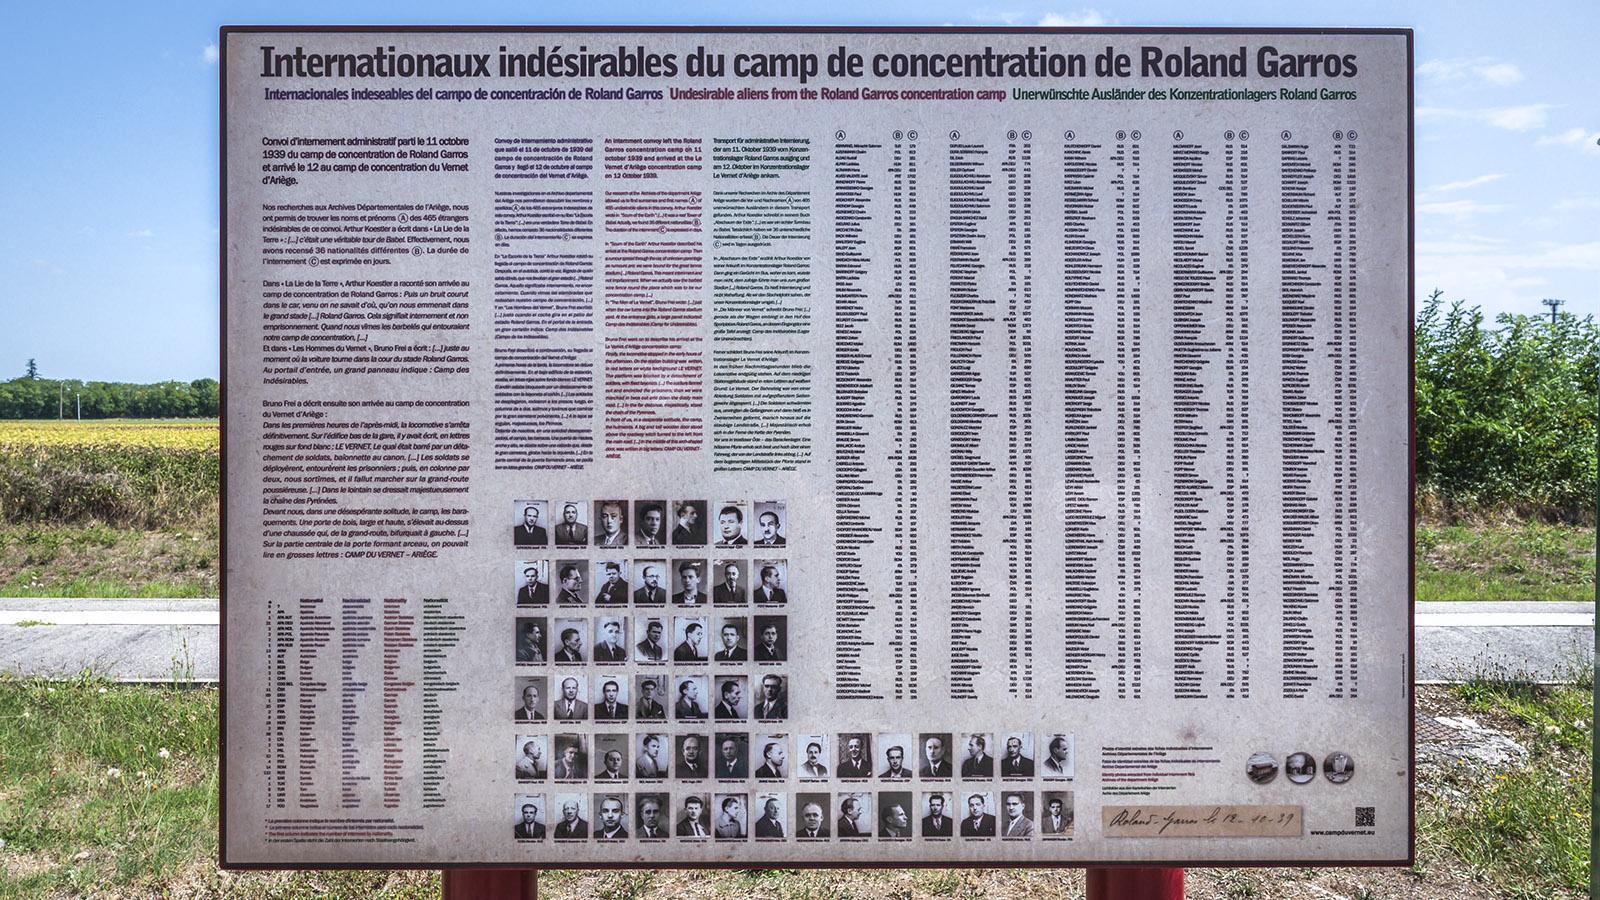 Die unerwünschten Ausländer des KZ <em>Stade Roland Garros</em>. Foto: Hilke Maunder